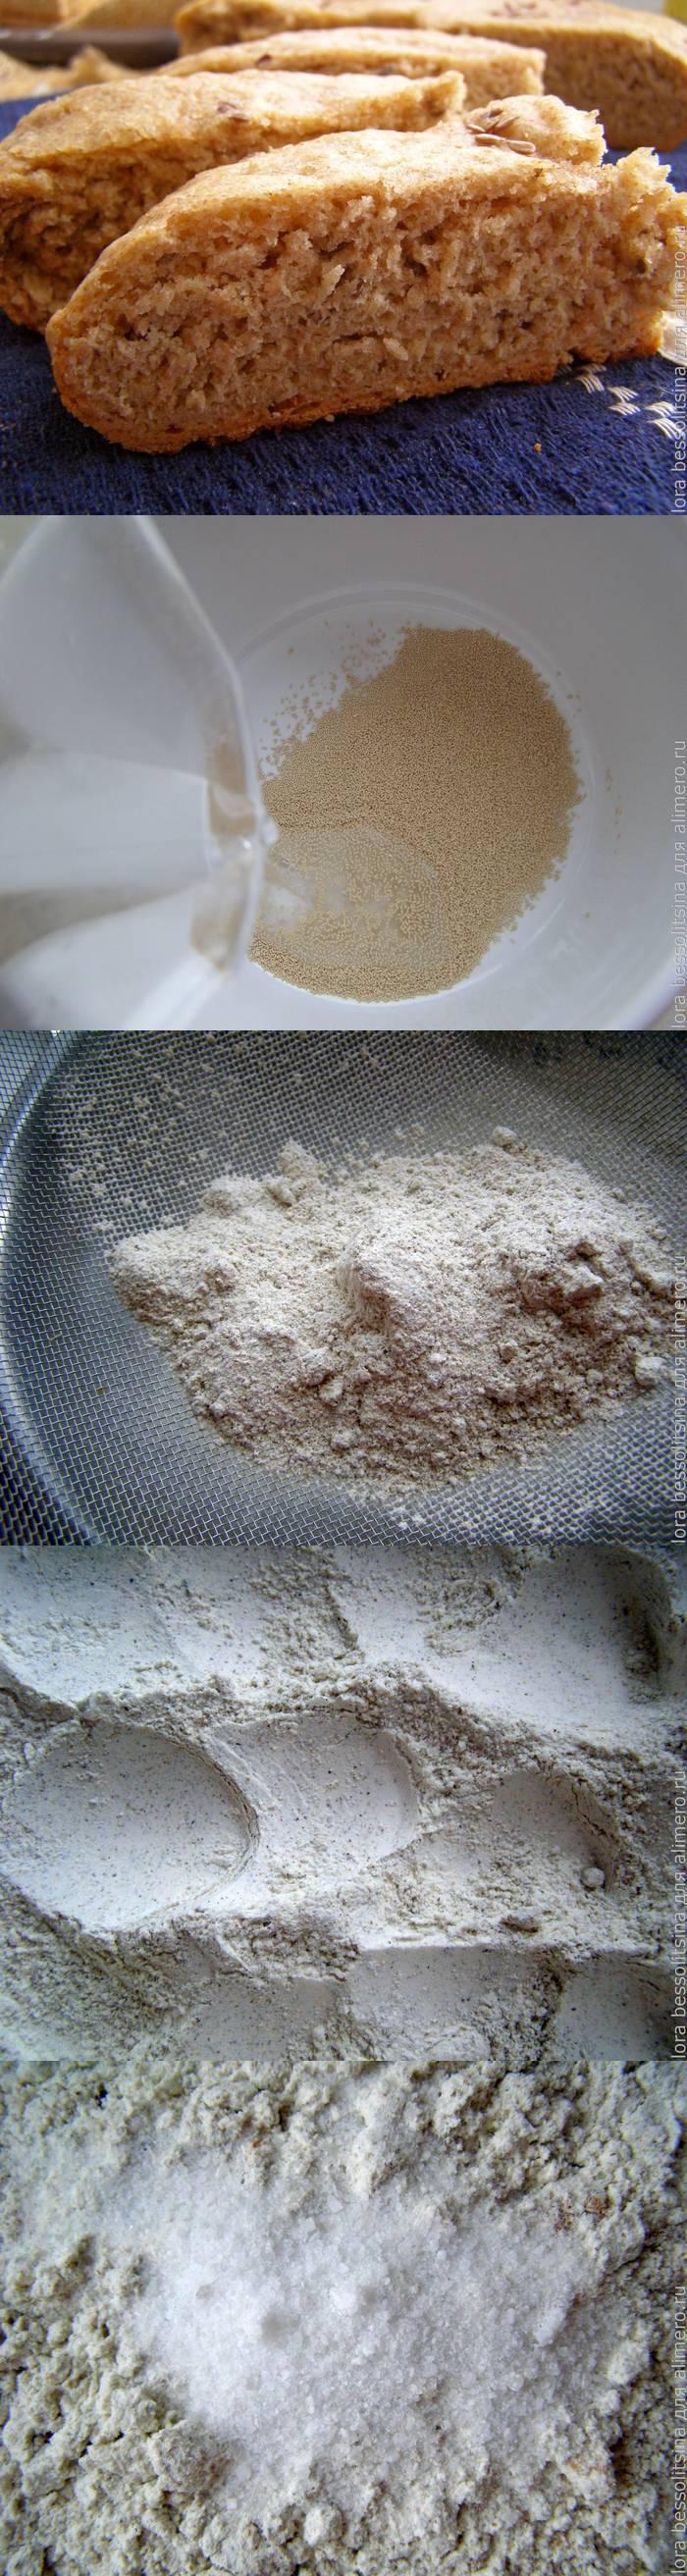 Диетический хлеб с отрубями. Обалденная замена калорийным собратьям